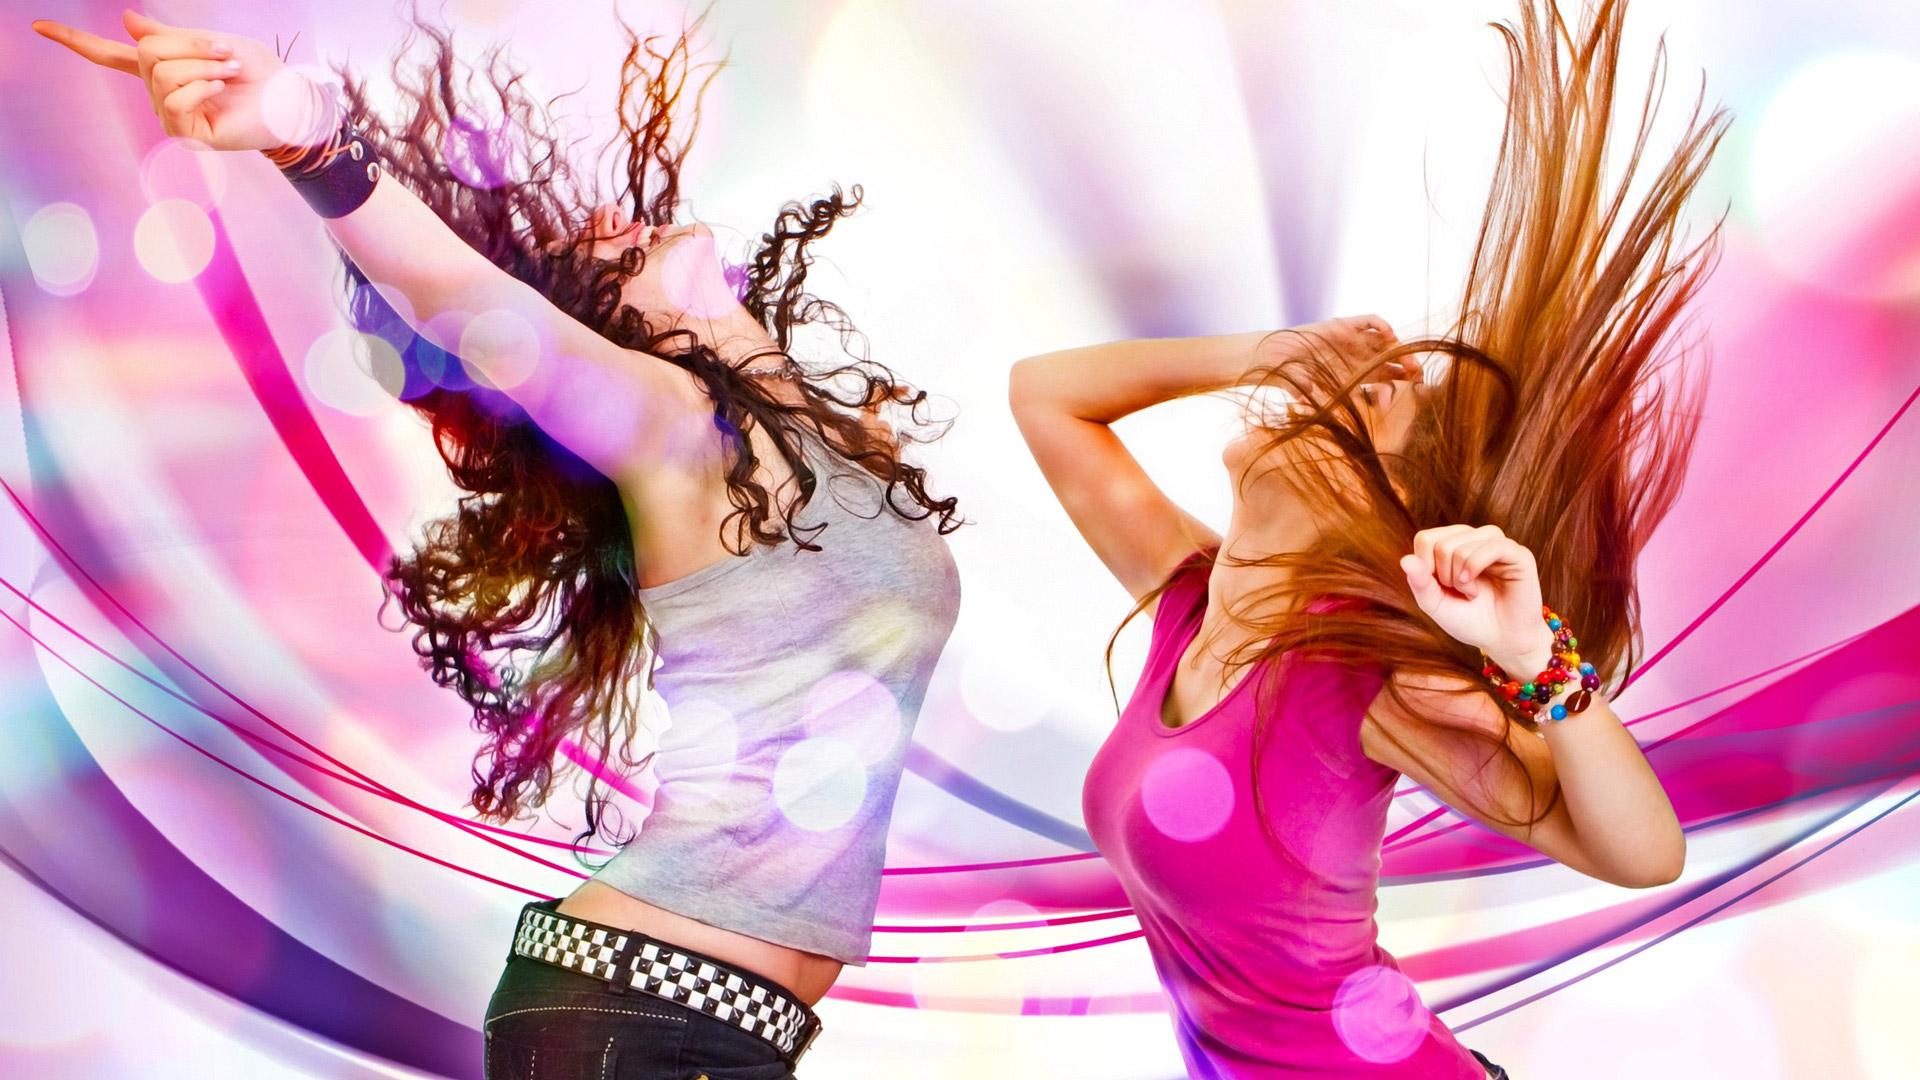 Обои танцующие девушки красивые